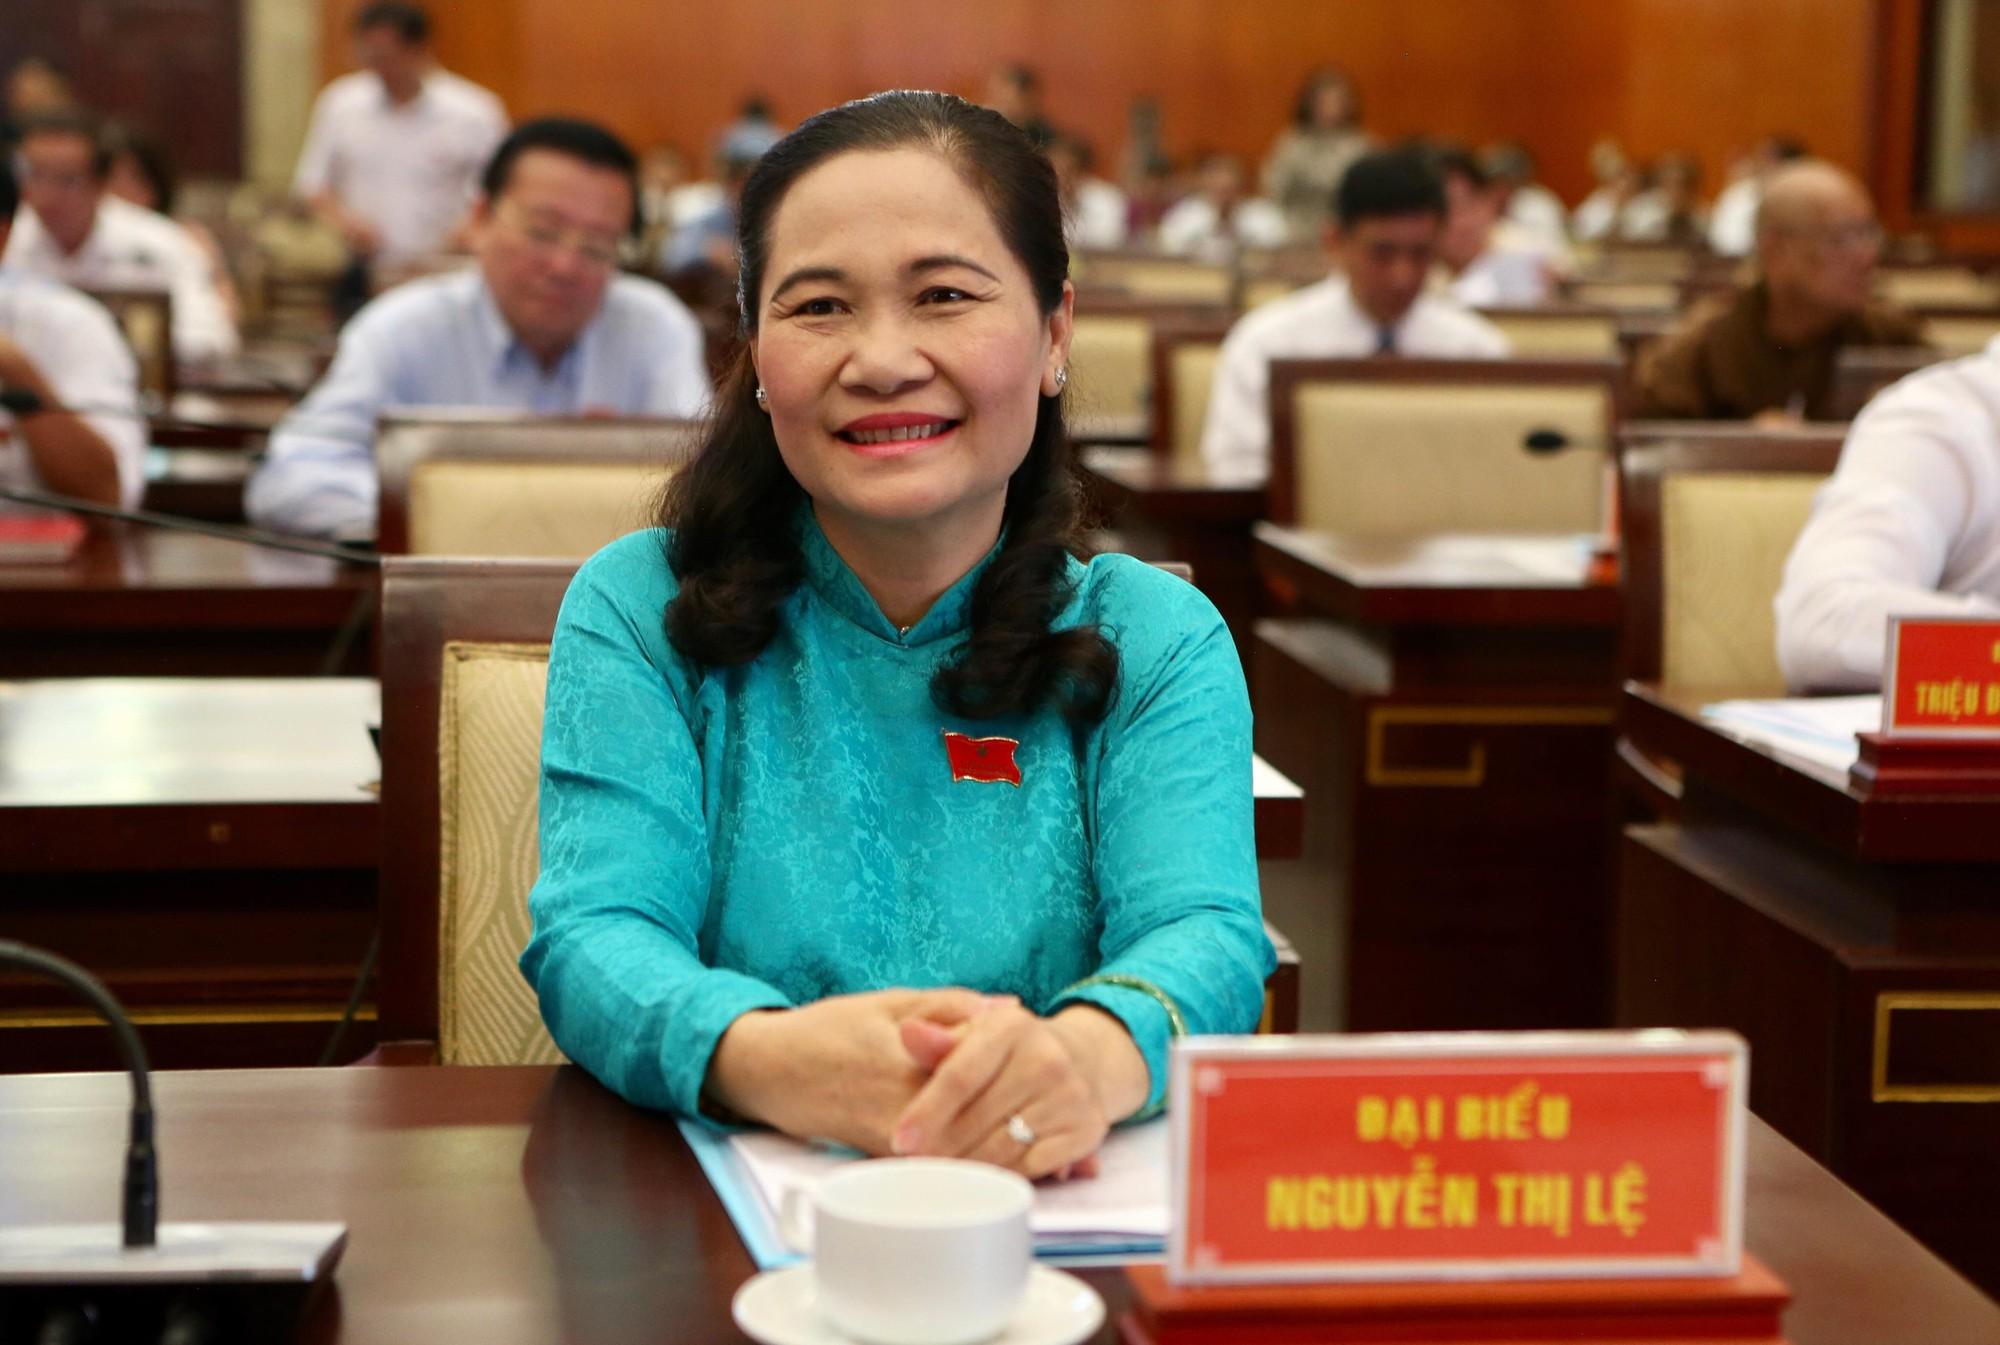 Phó bí thư Thành ủy được bầu làm Chủ tịch HĐND TP. Hồ Chí Minh - Ảnh 1